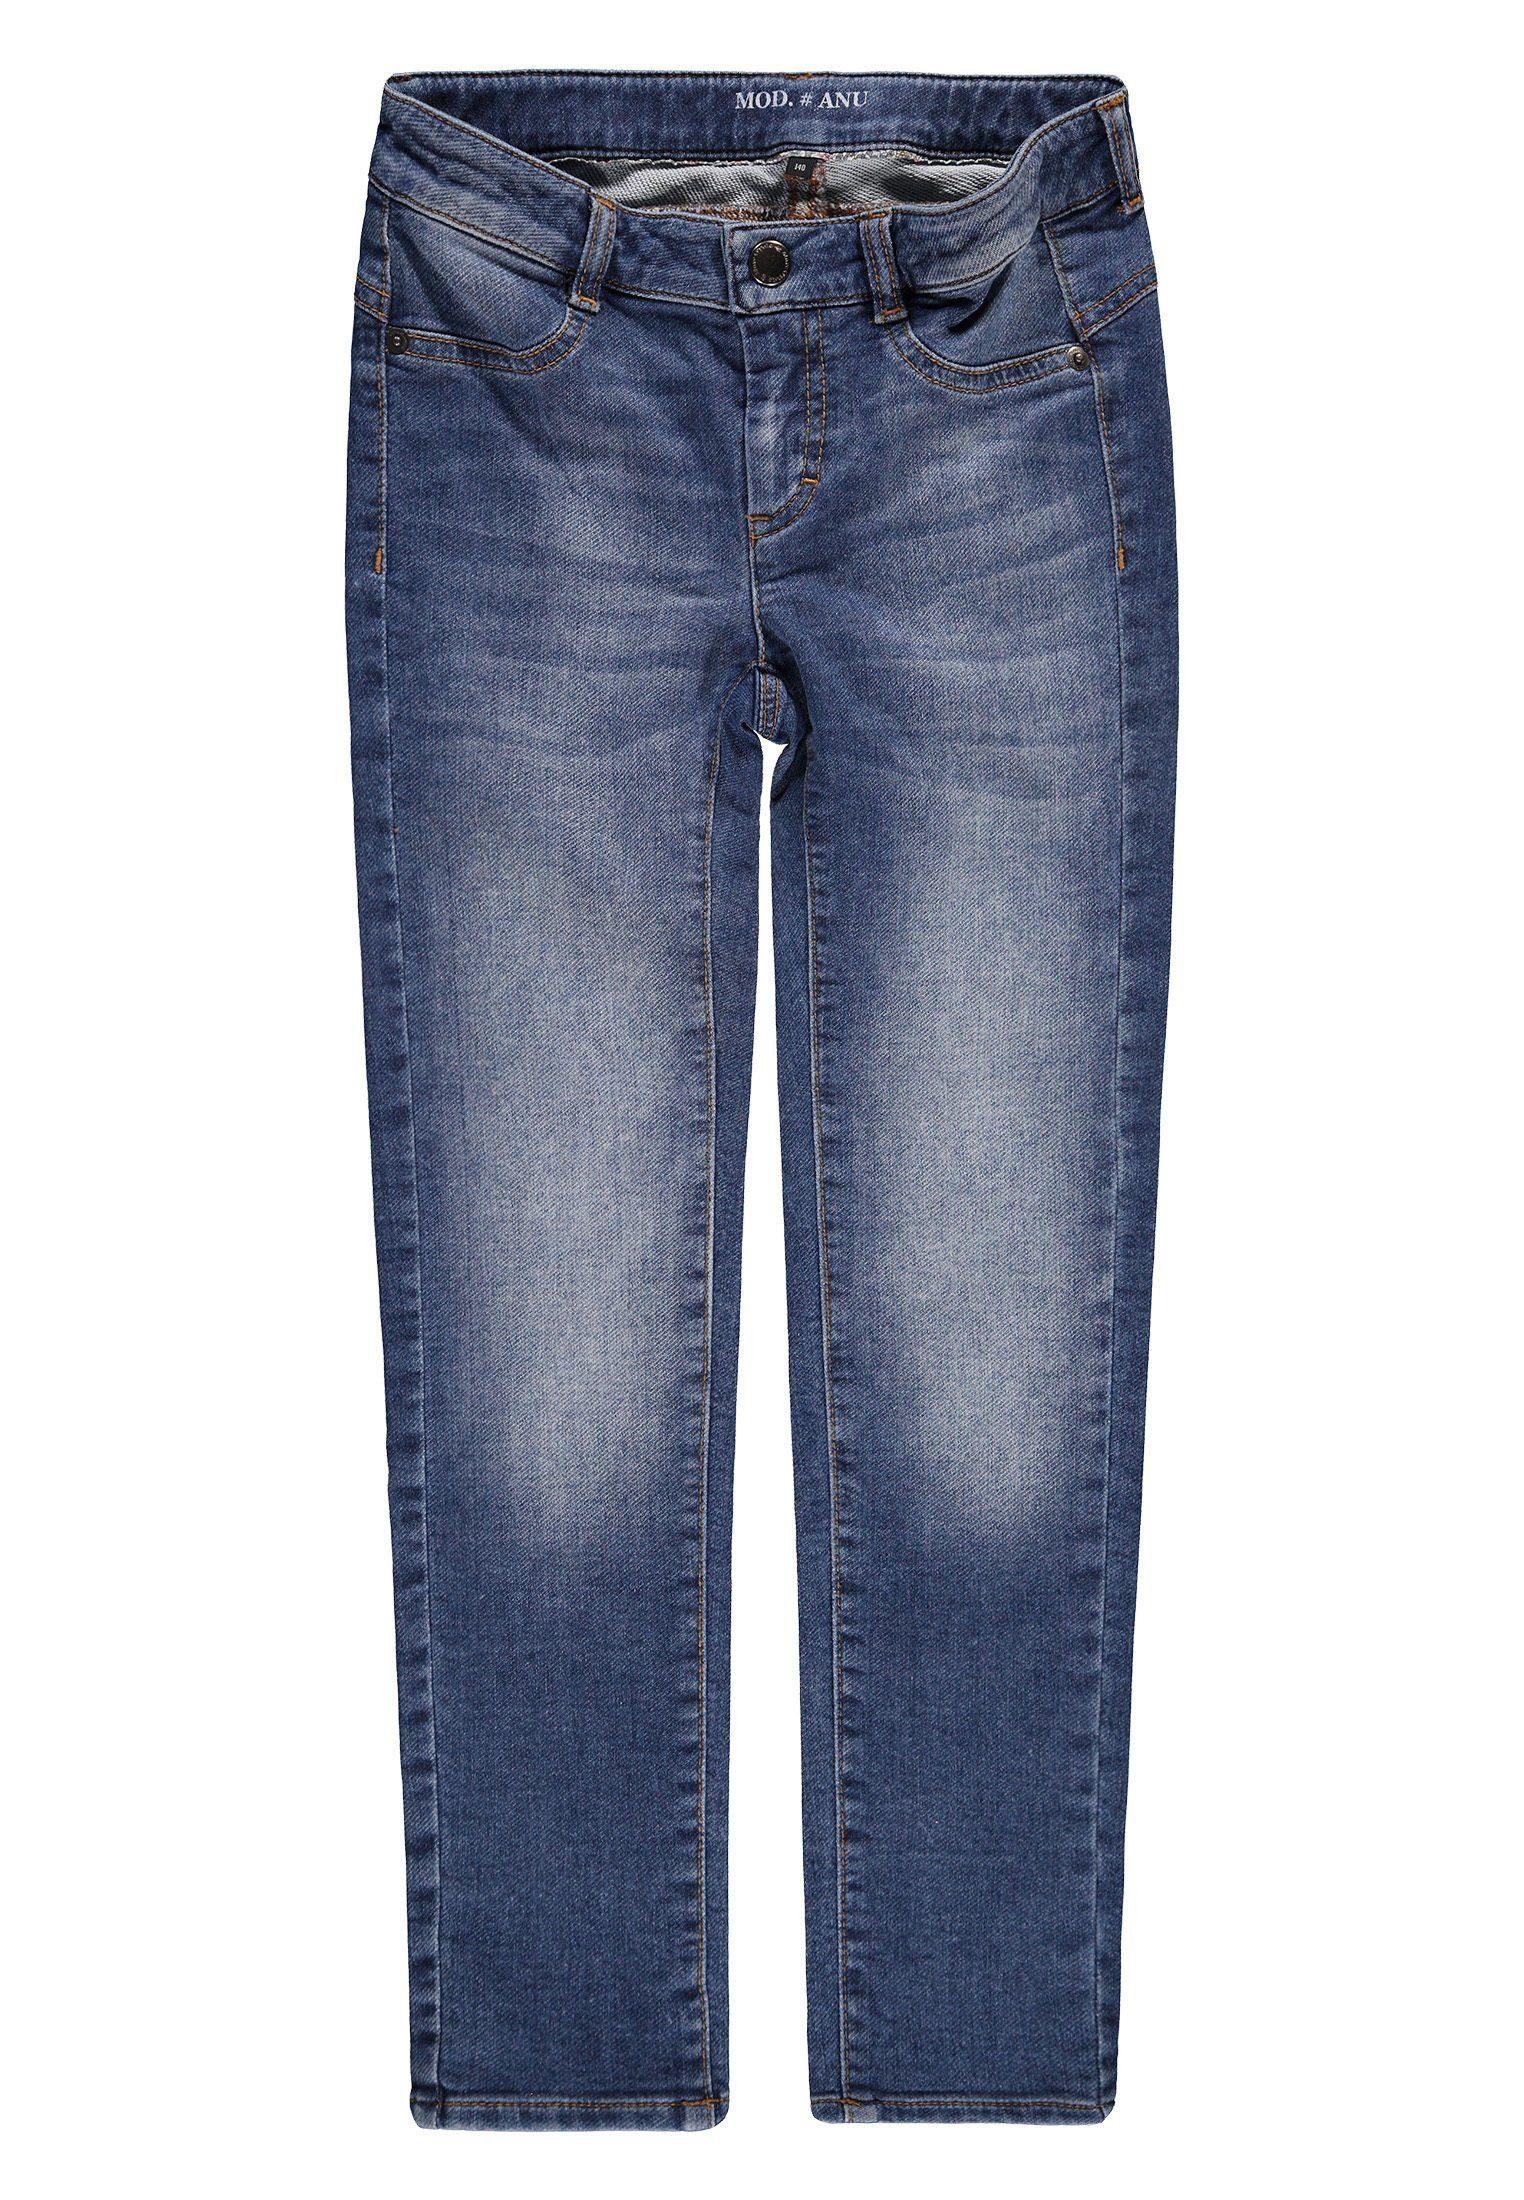 Image of Marc O'Polo Junior Jeanshose Knit Denim »ANU«